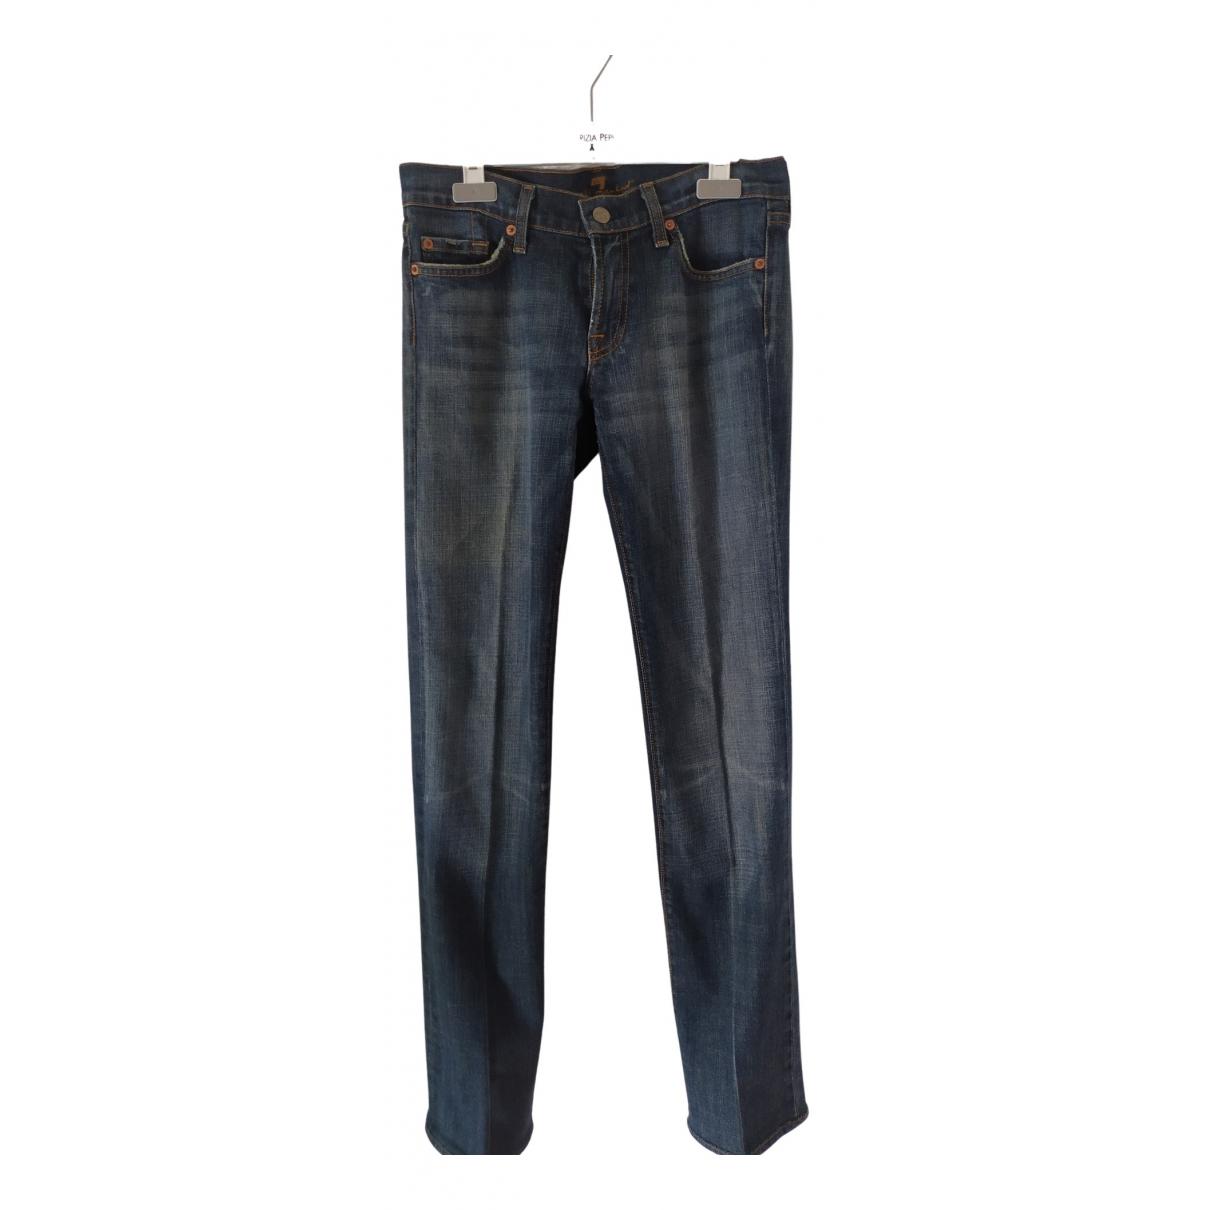 Pantalon pitillo 7 For All Mankind